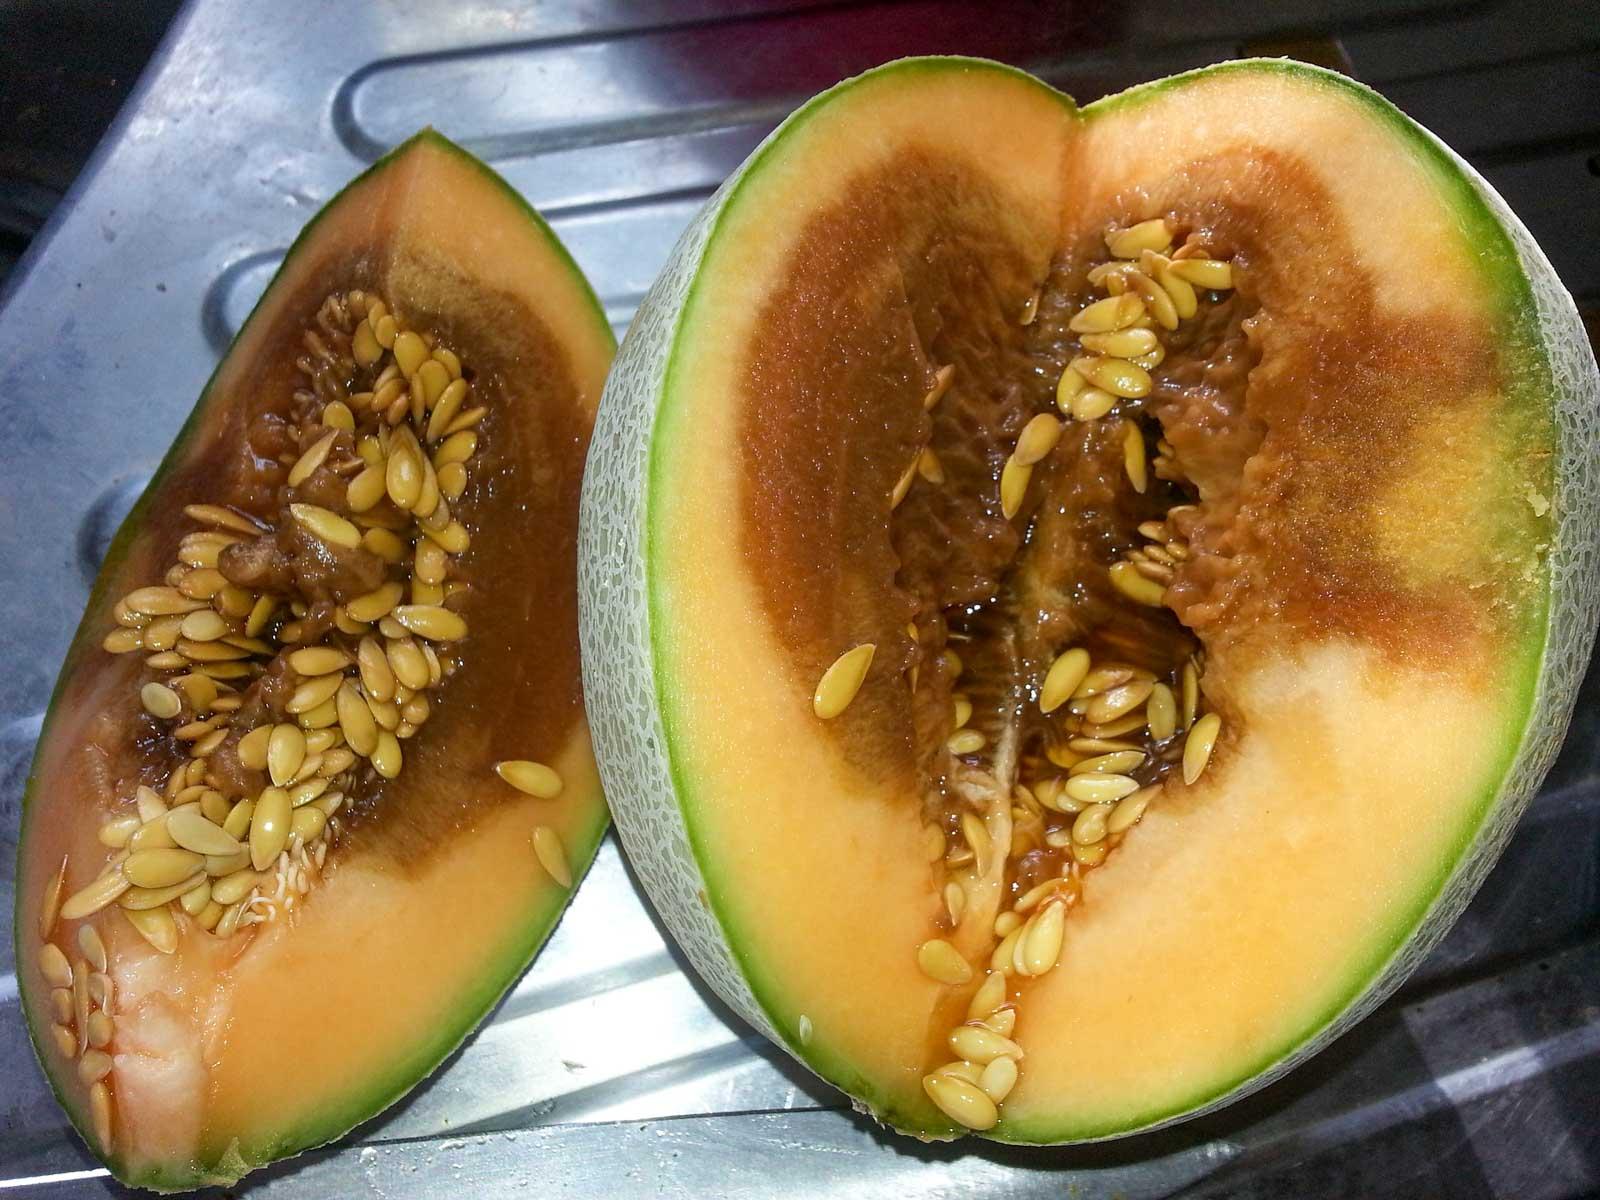 Le melon pourri n'est pas bon pour les poules